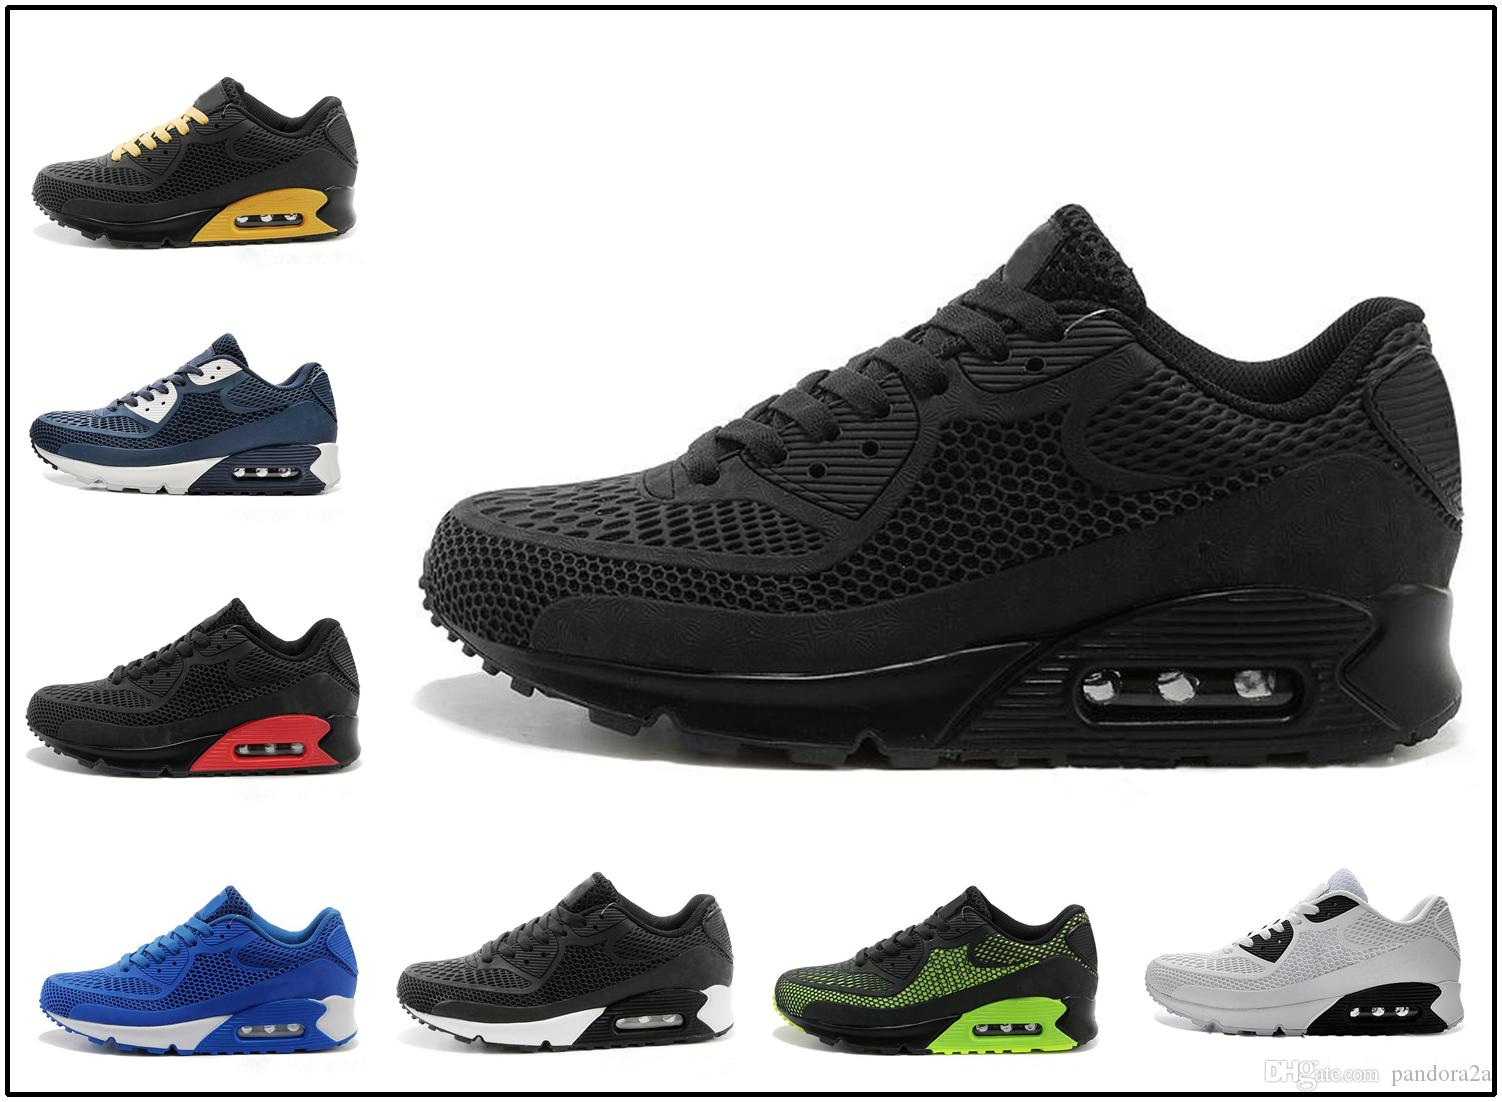 sale retailer 02d4e fa84a Compre Nike Air Max Airmax 90 Kpu 2018 Nova Tênis De Corrida Almofada 90  KPU Homens Mulheres Tênis De Alta Qualidade Barato Todos Preto Chaussure  Homme ...